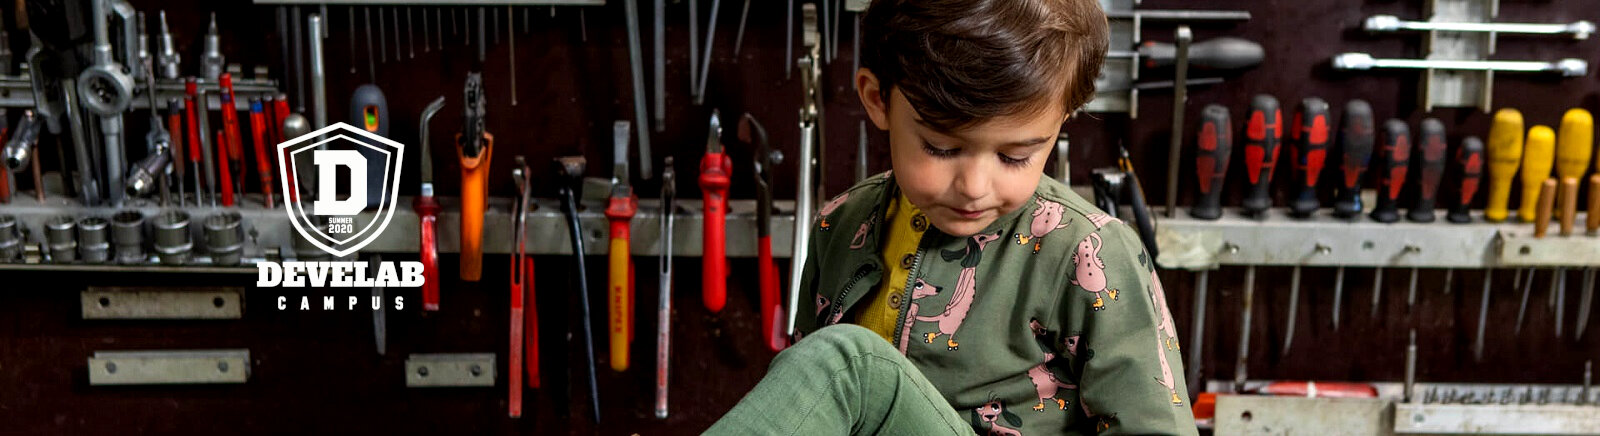 Develab Kinderschuhe online entdecken im Juppen Schuhe Shop